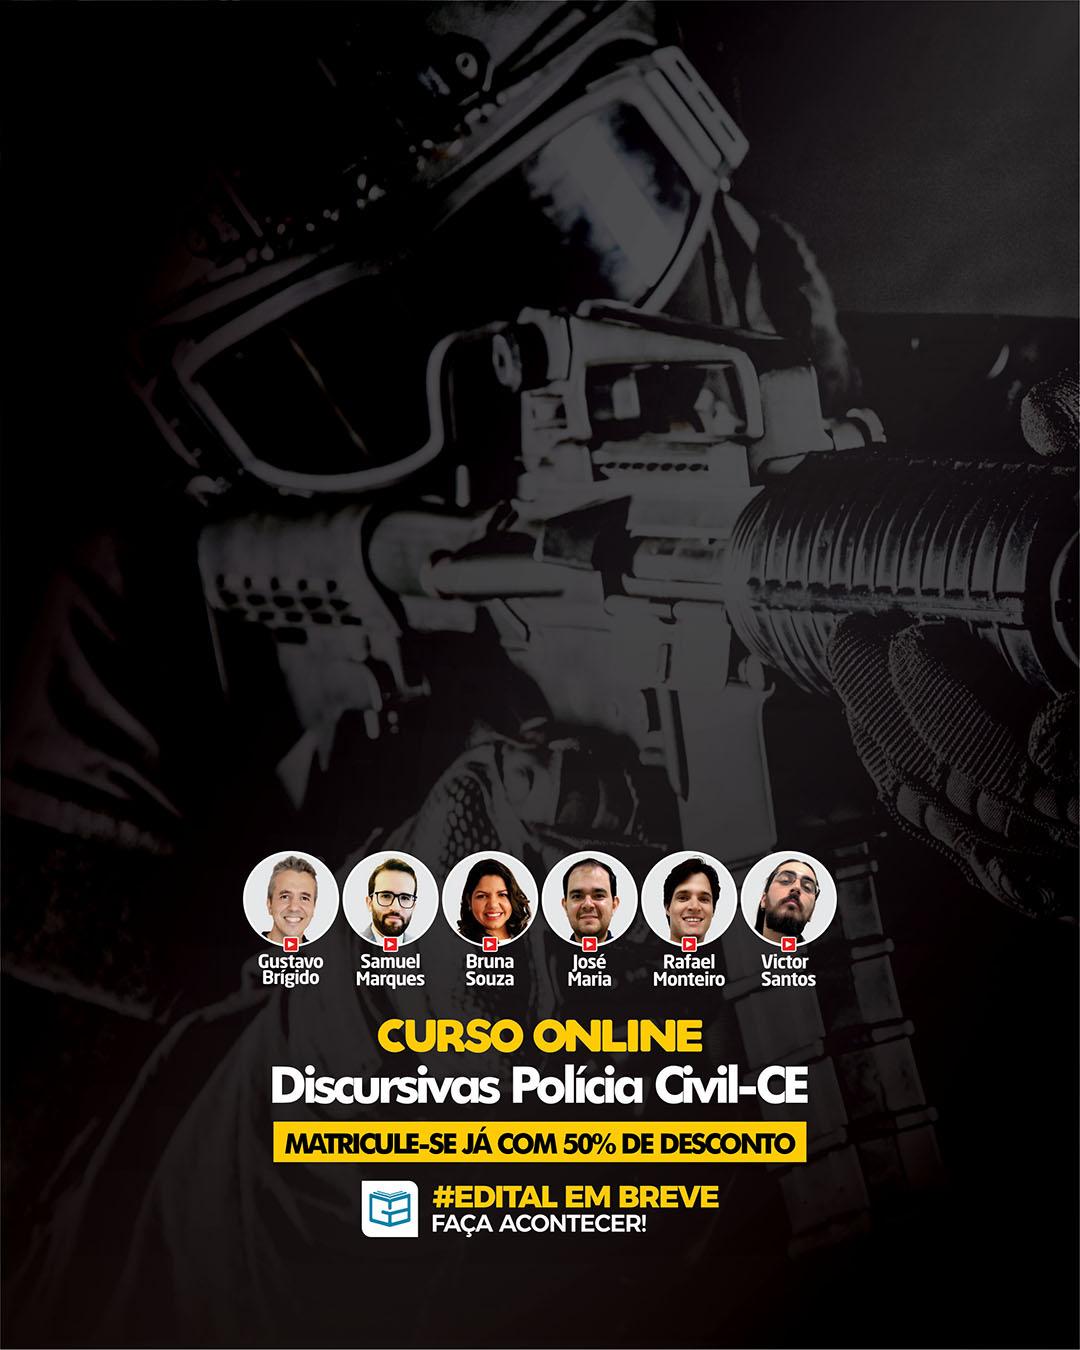 MODULAR DISCURSIVAS POLÍCIA CIVIL - CE